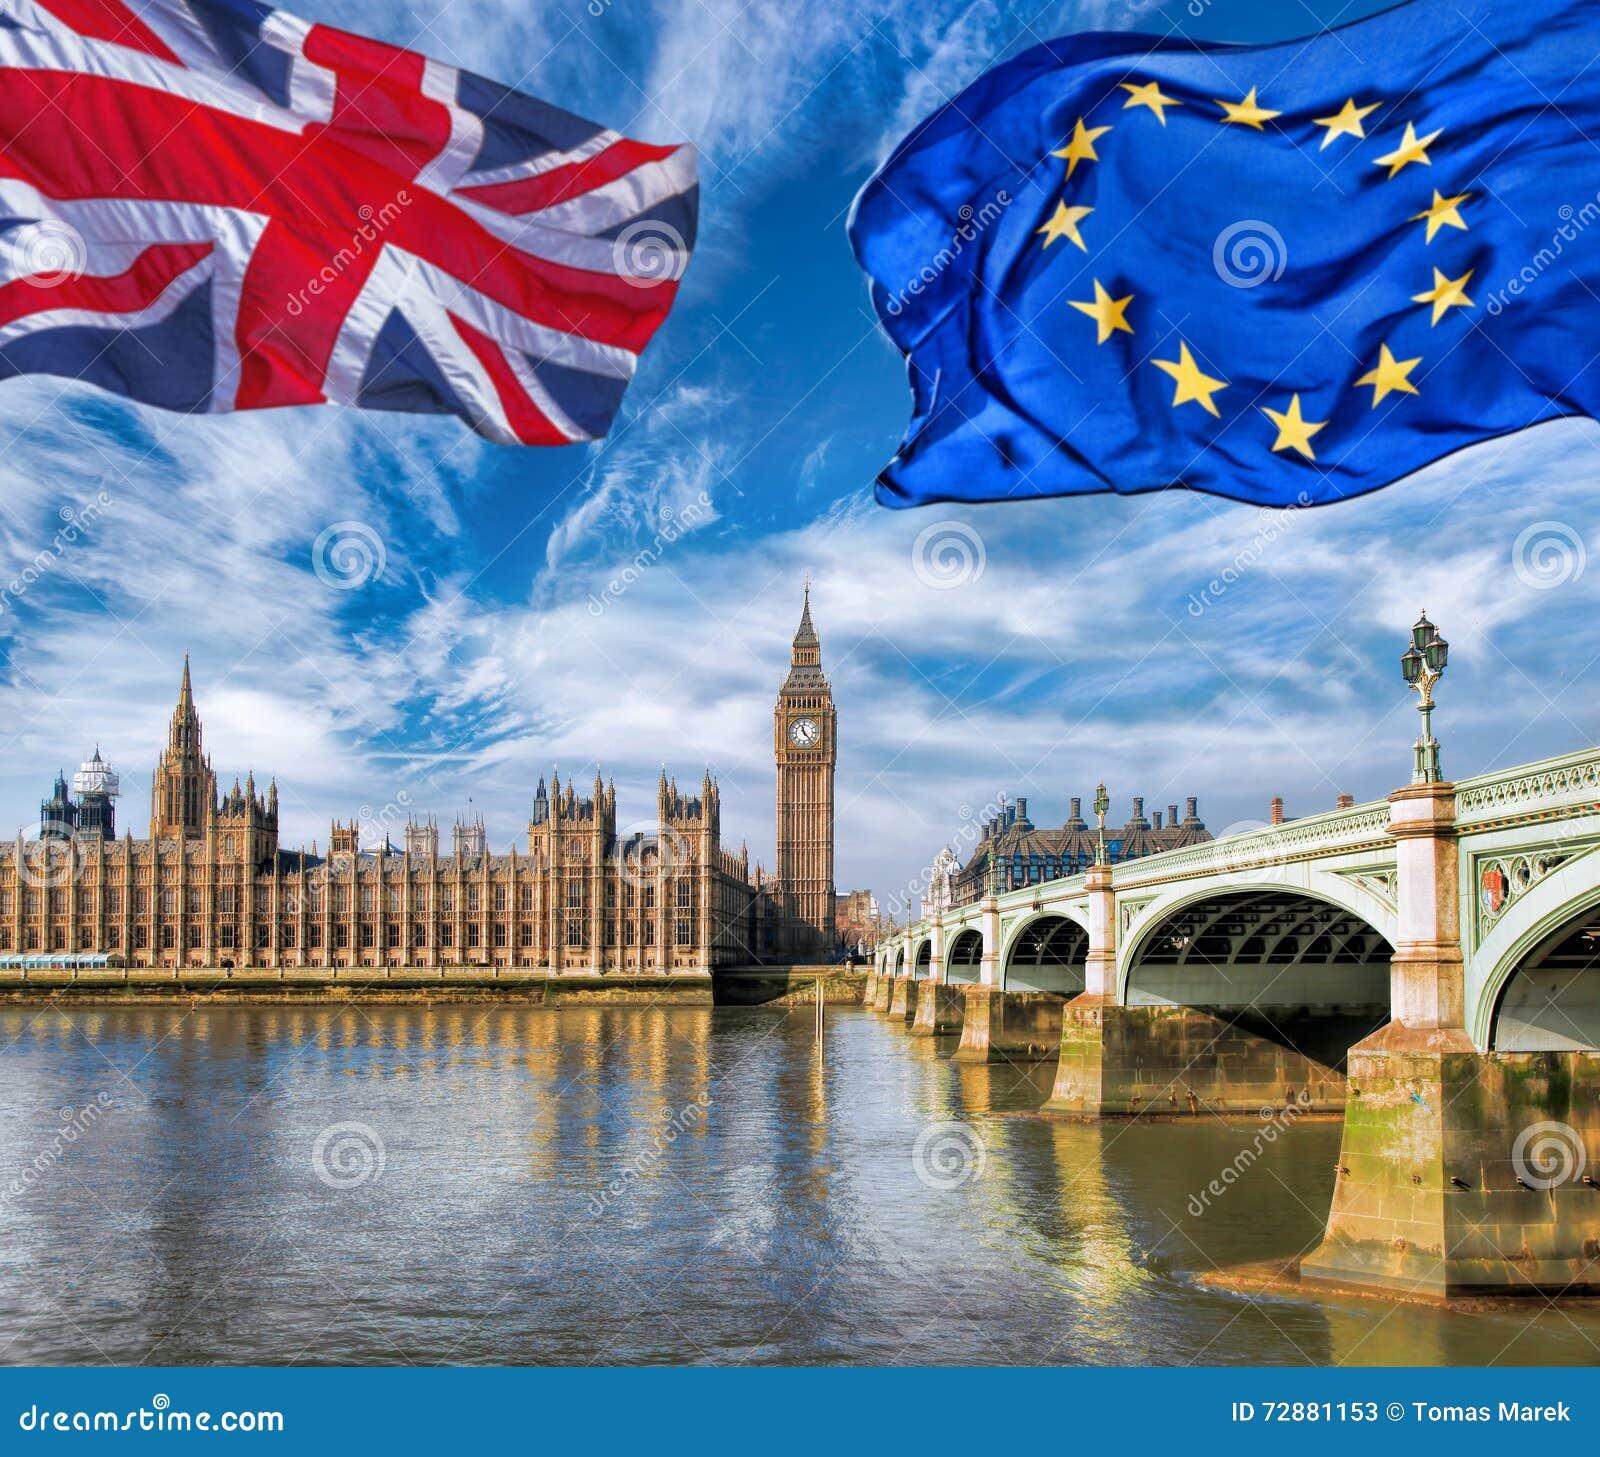 Unione Europea E Volo Britannico Della Bandiera Del Sindacato Contro ...